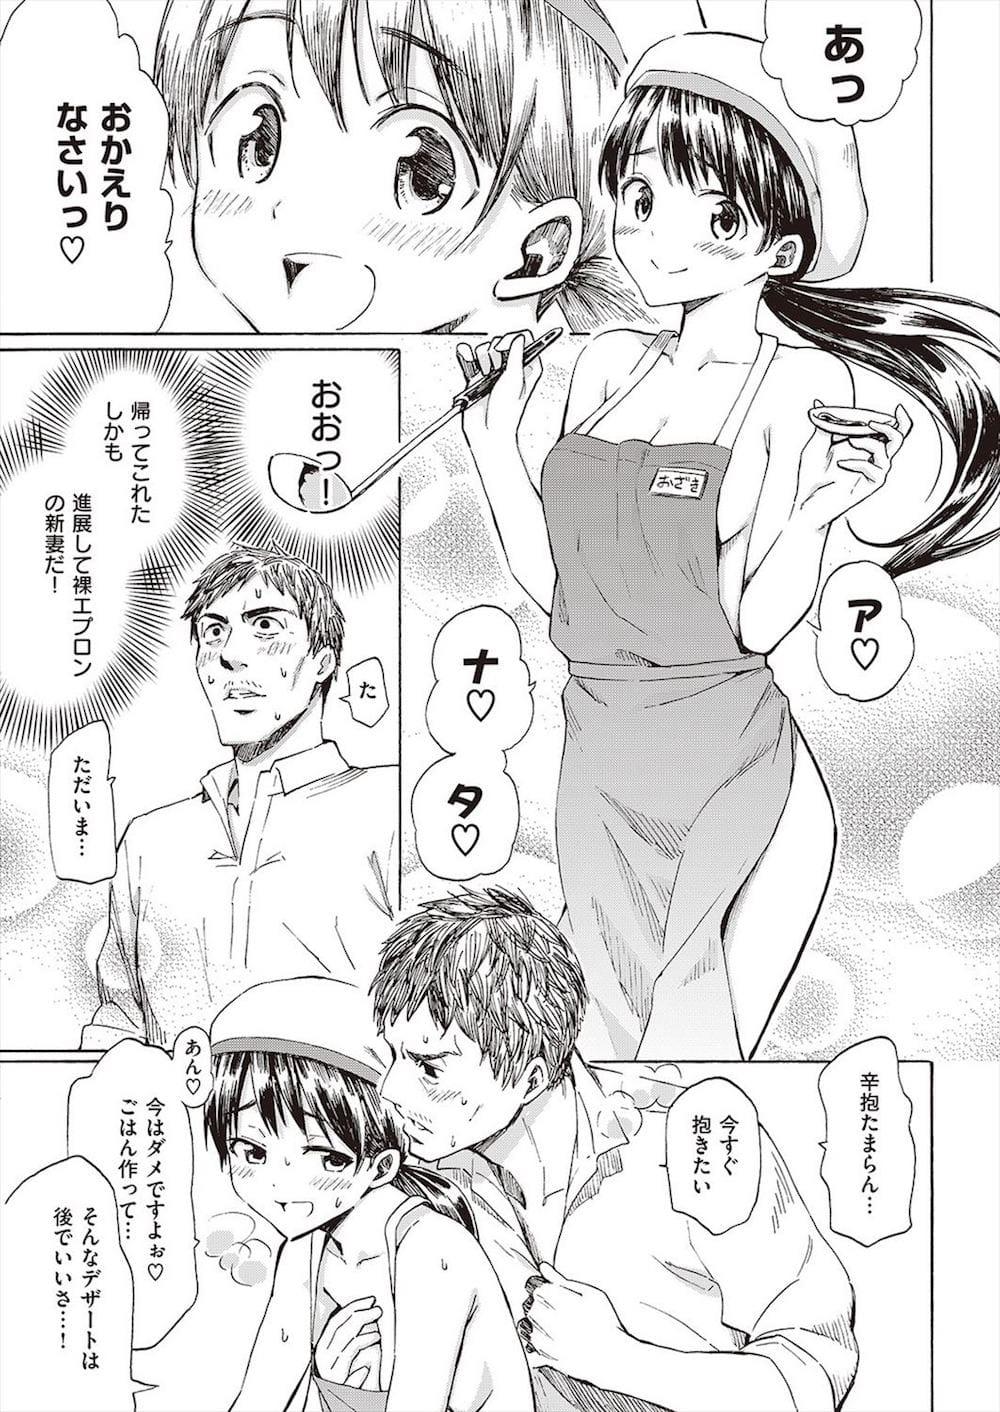 【エロ漫画】40歳のオッサンがいつも立ち寄るコンビニ店員に恋をする!夢の中で彼女からの逆和漢!夢が覚めたのでもう一度、眠ると裸エプロンでお出迎え!【藤丸】